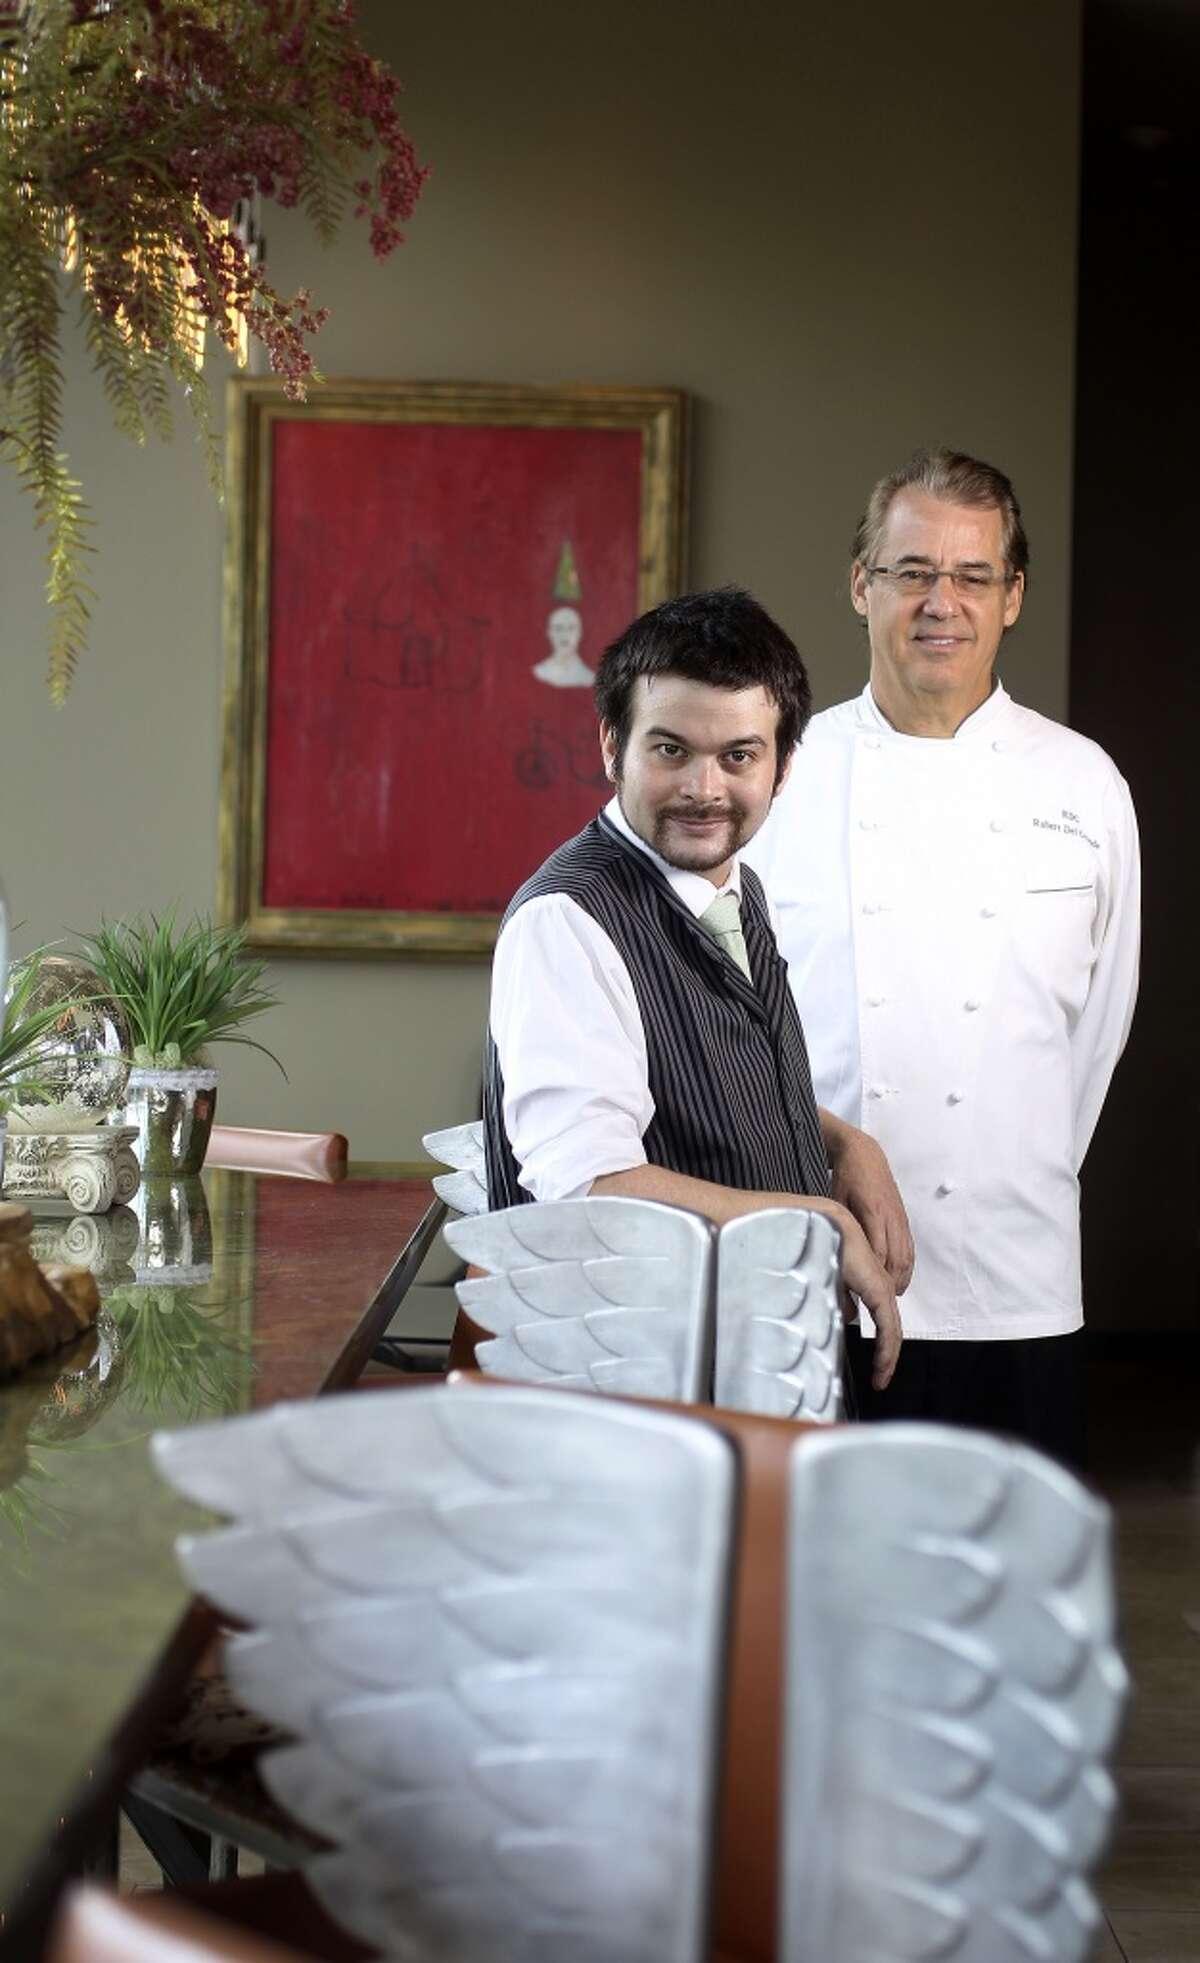 RDG + Bar Annie bar manager Chris Frankel and chef/owner Robert Del Grande at RDG.